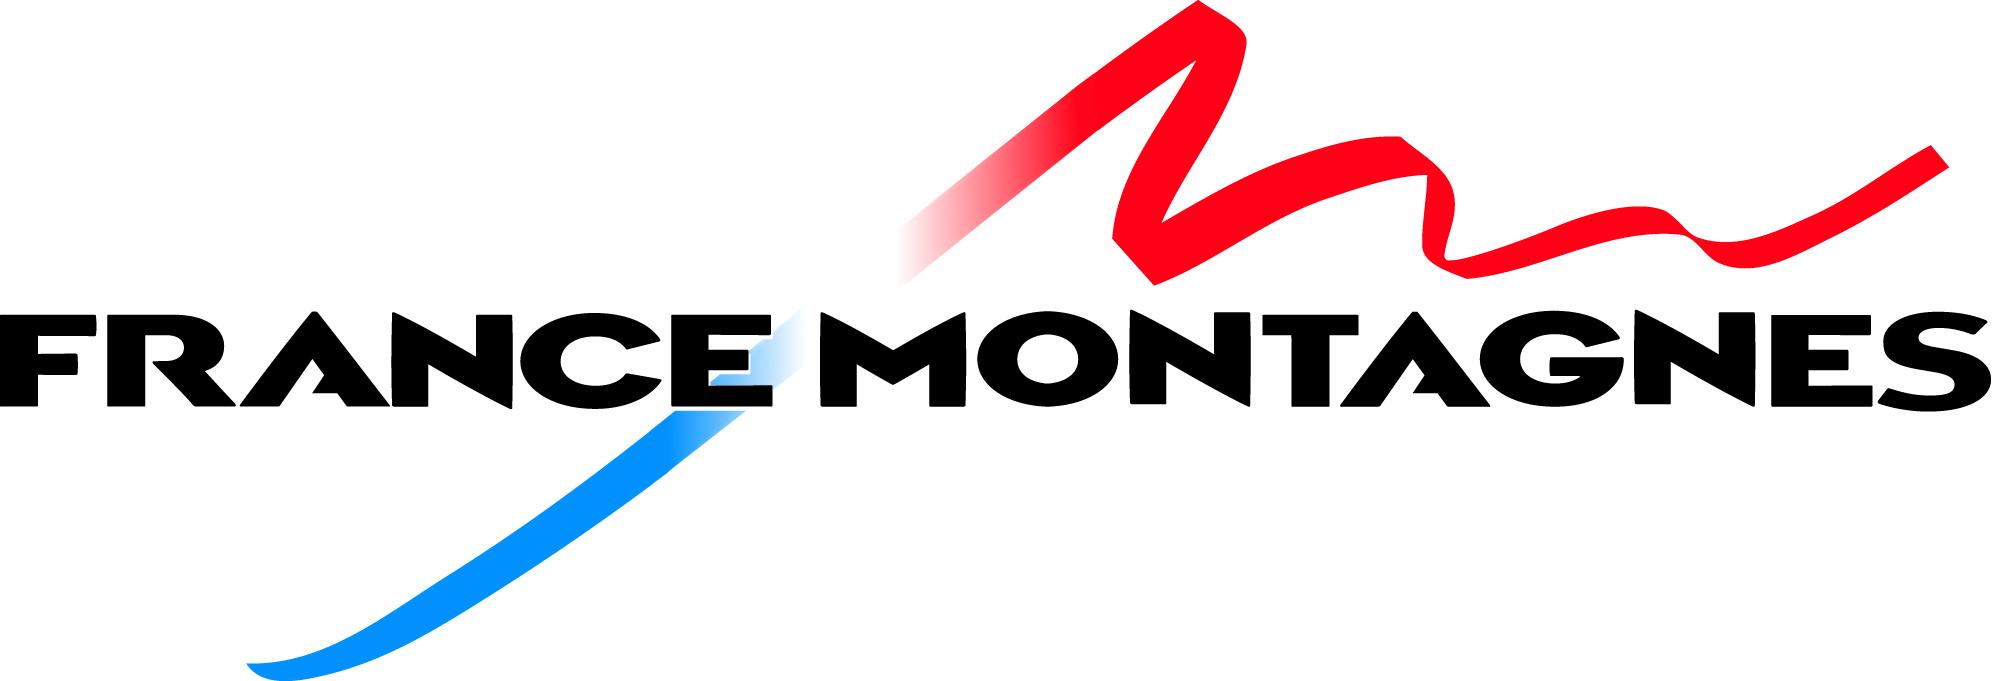 France Montagnes logo